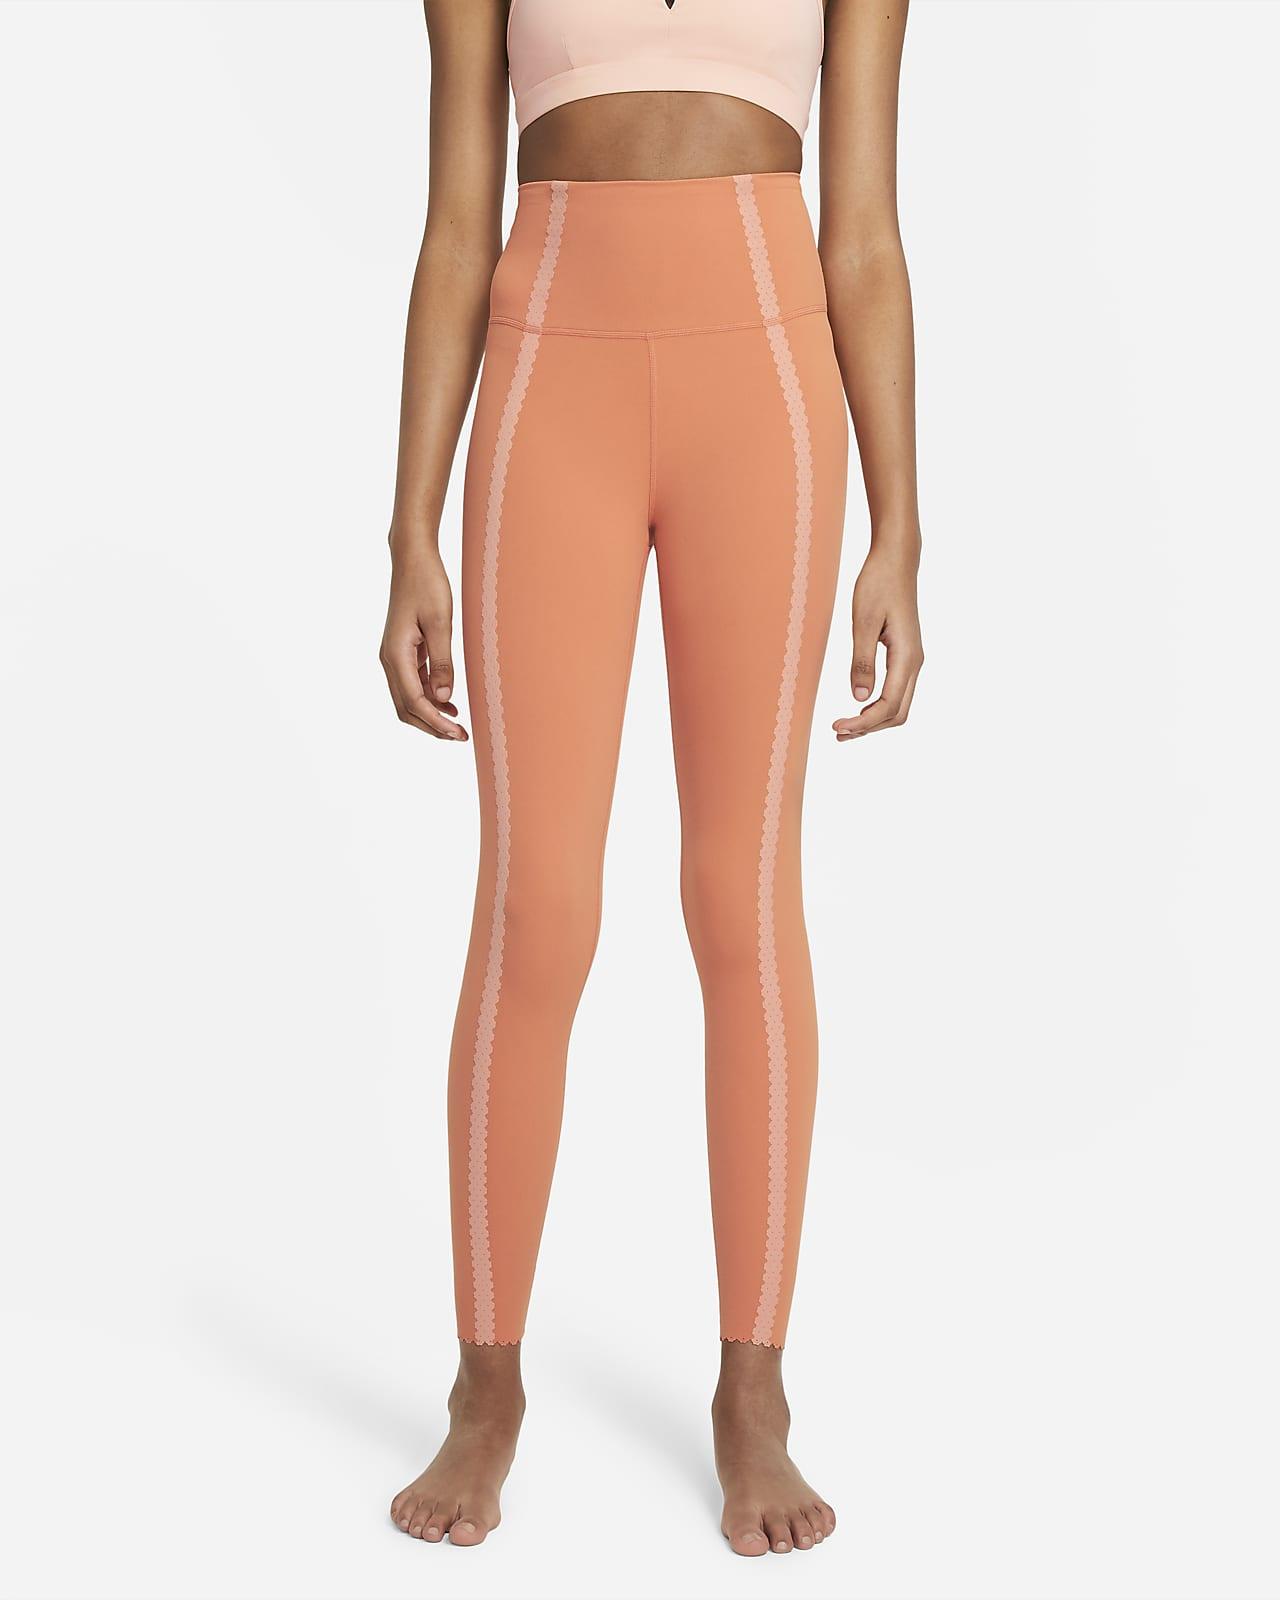 Женские слегка укороченные леггинсы Eyelet с высокой посадкой Nike Yoga Luxe